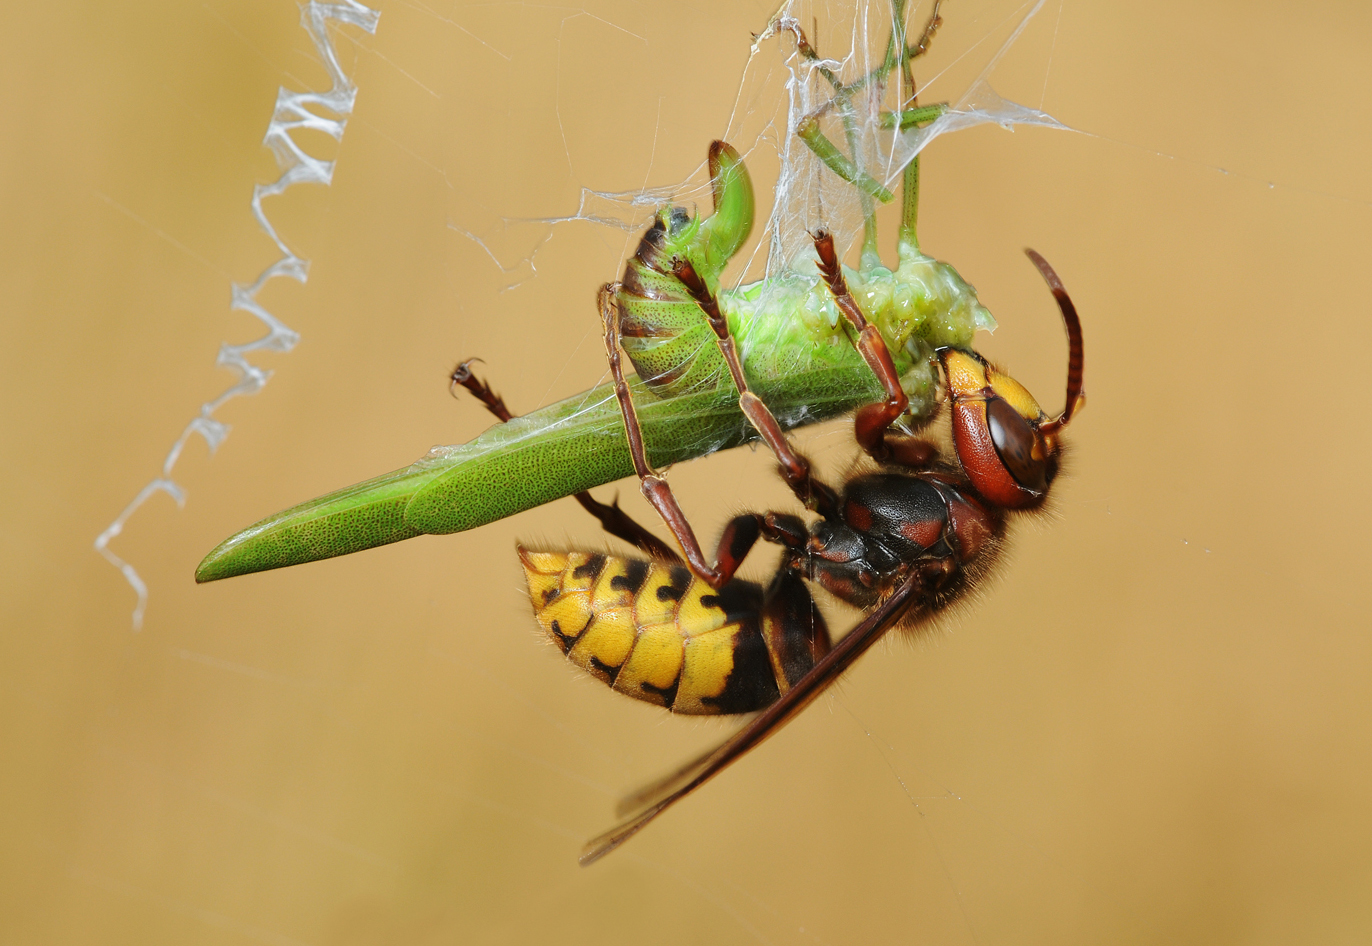 Hornet feeding on a Cricket